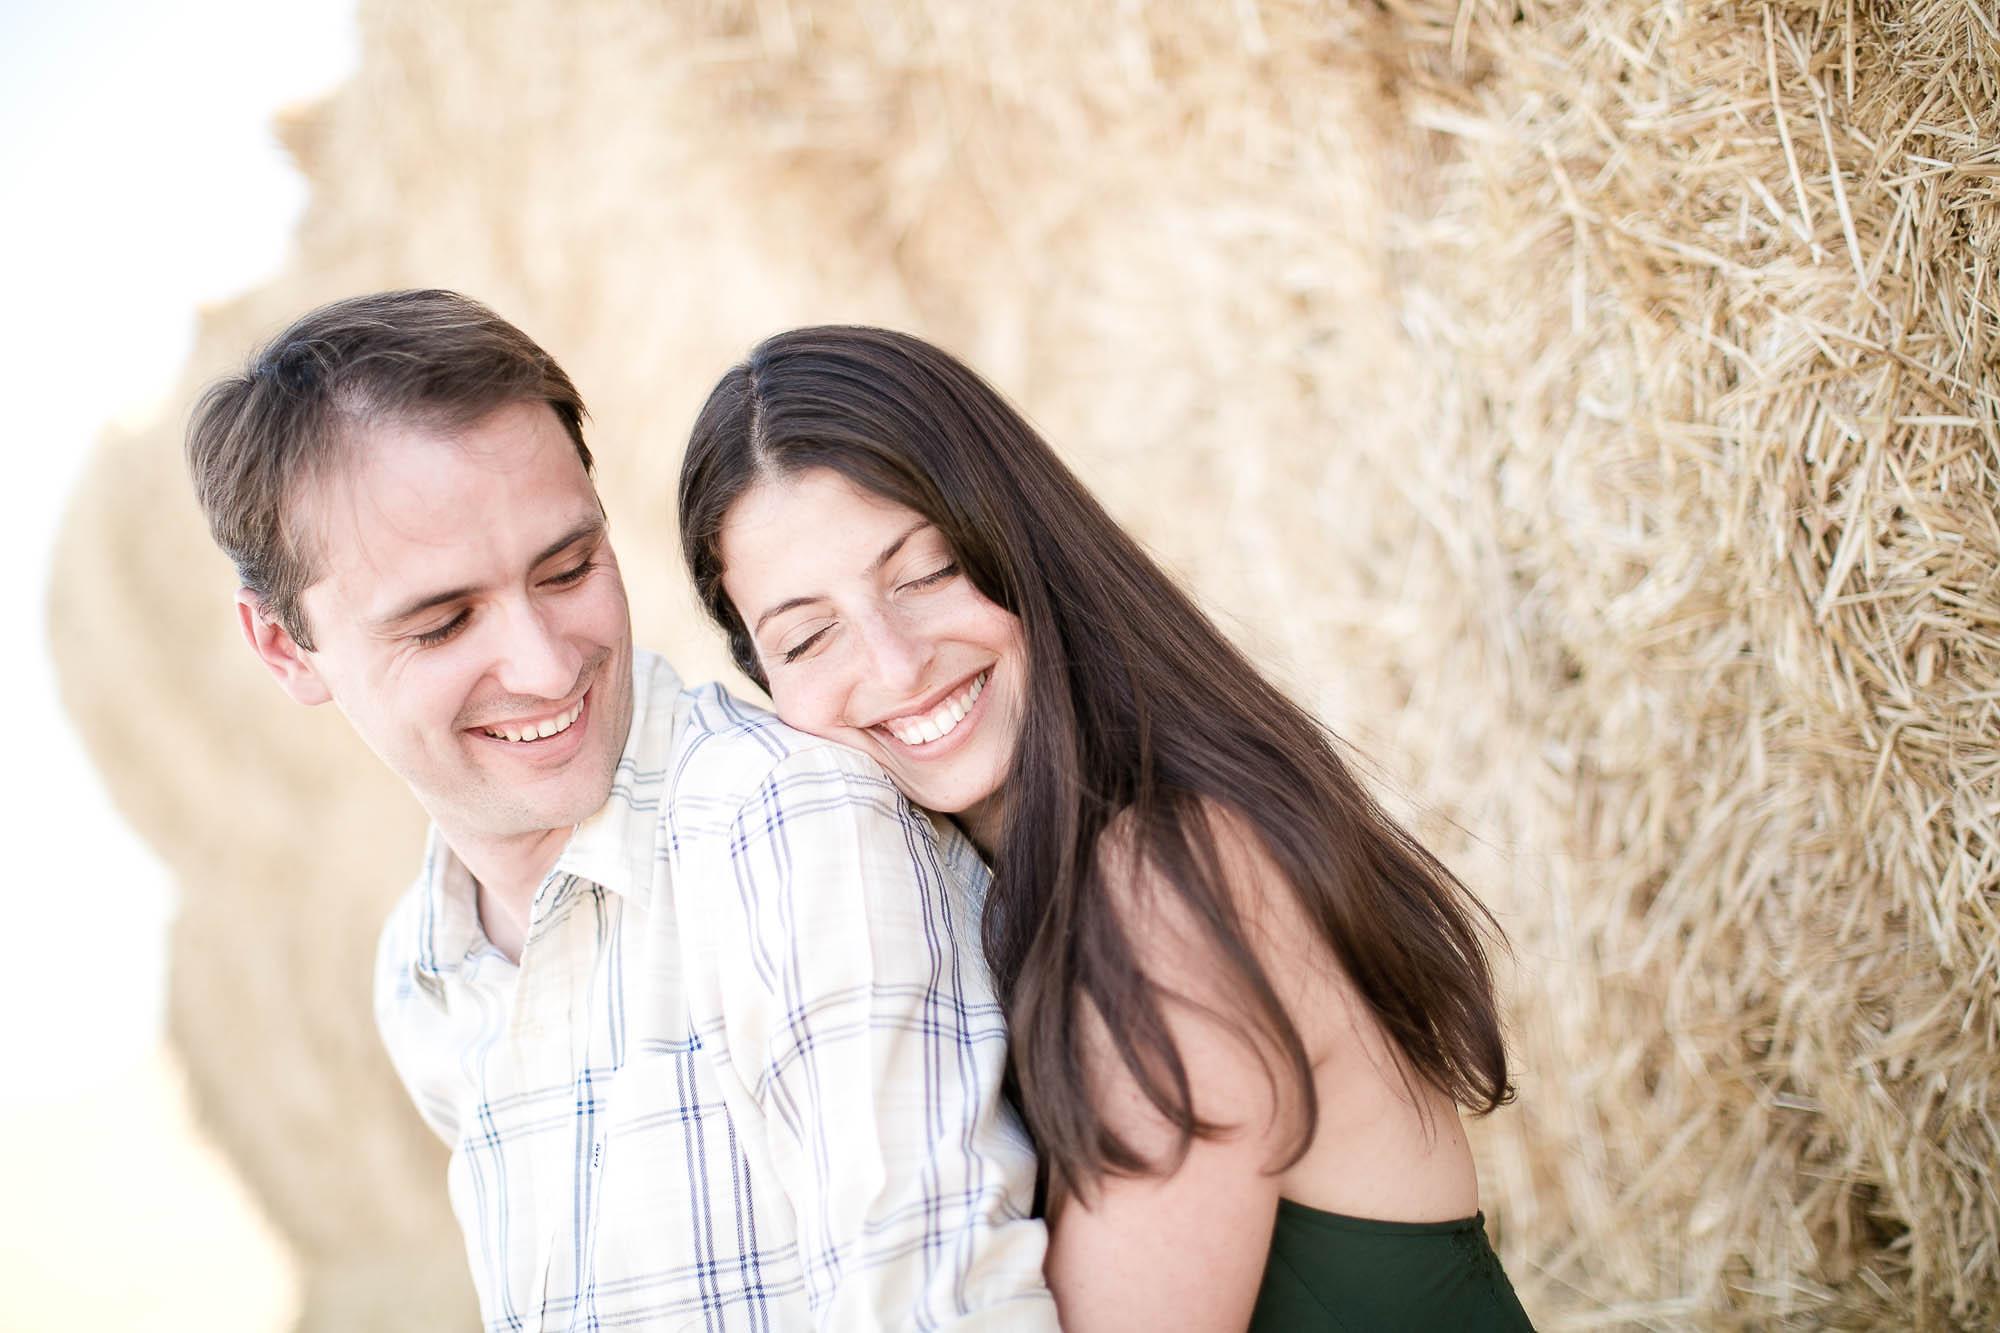 La pareja feliz se abraza junto a la montaña de paja seca